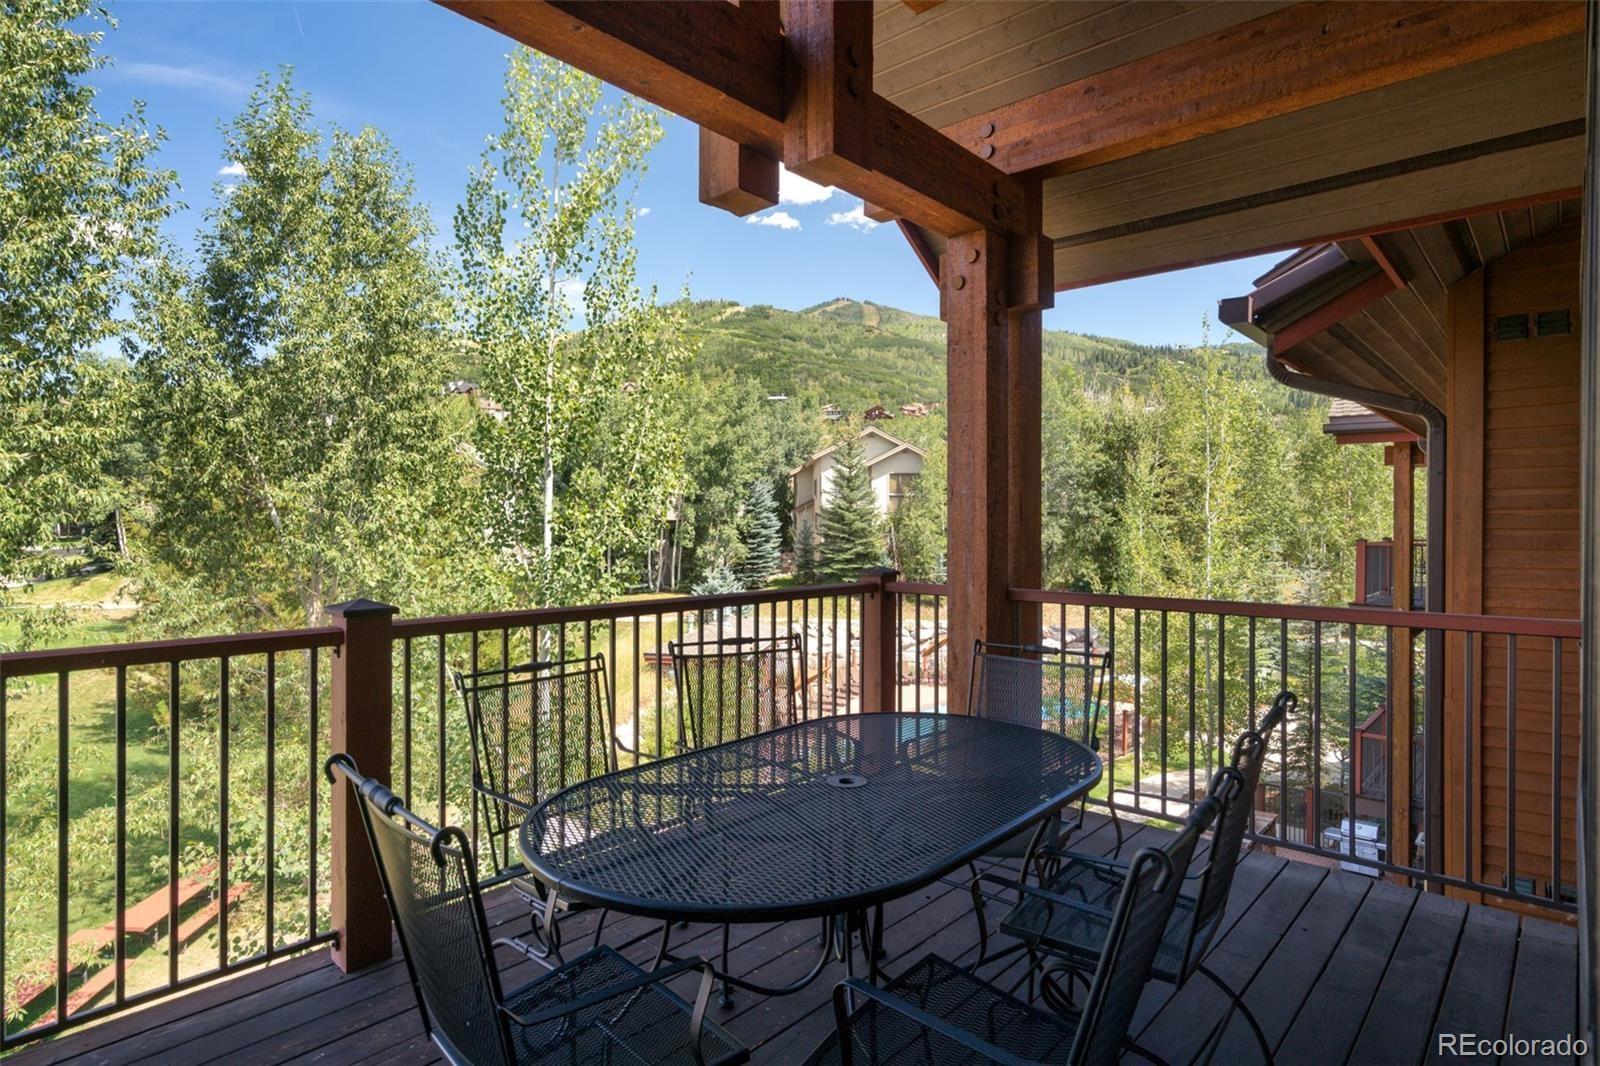 MLS# 7592425 - 8 - 1800 Medicine Springs Drive #5305, Steamboat Springs, CO 80487